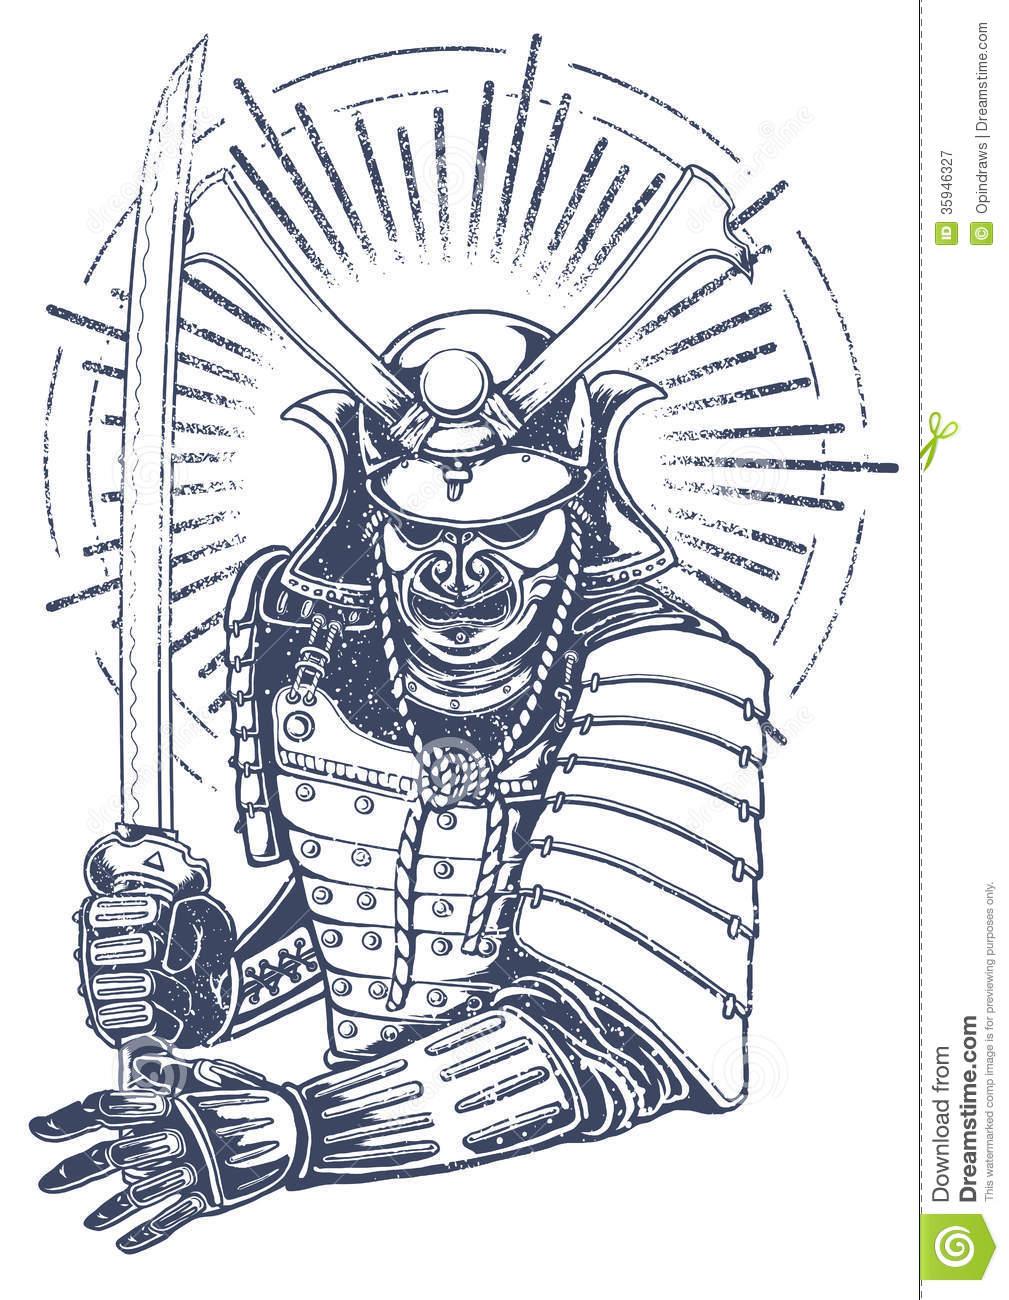 Drawn samurai easy Drawings SAMURAIS Google Drawings SKETCHBOOK